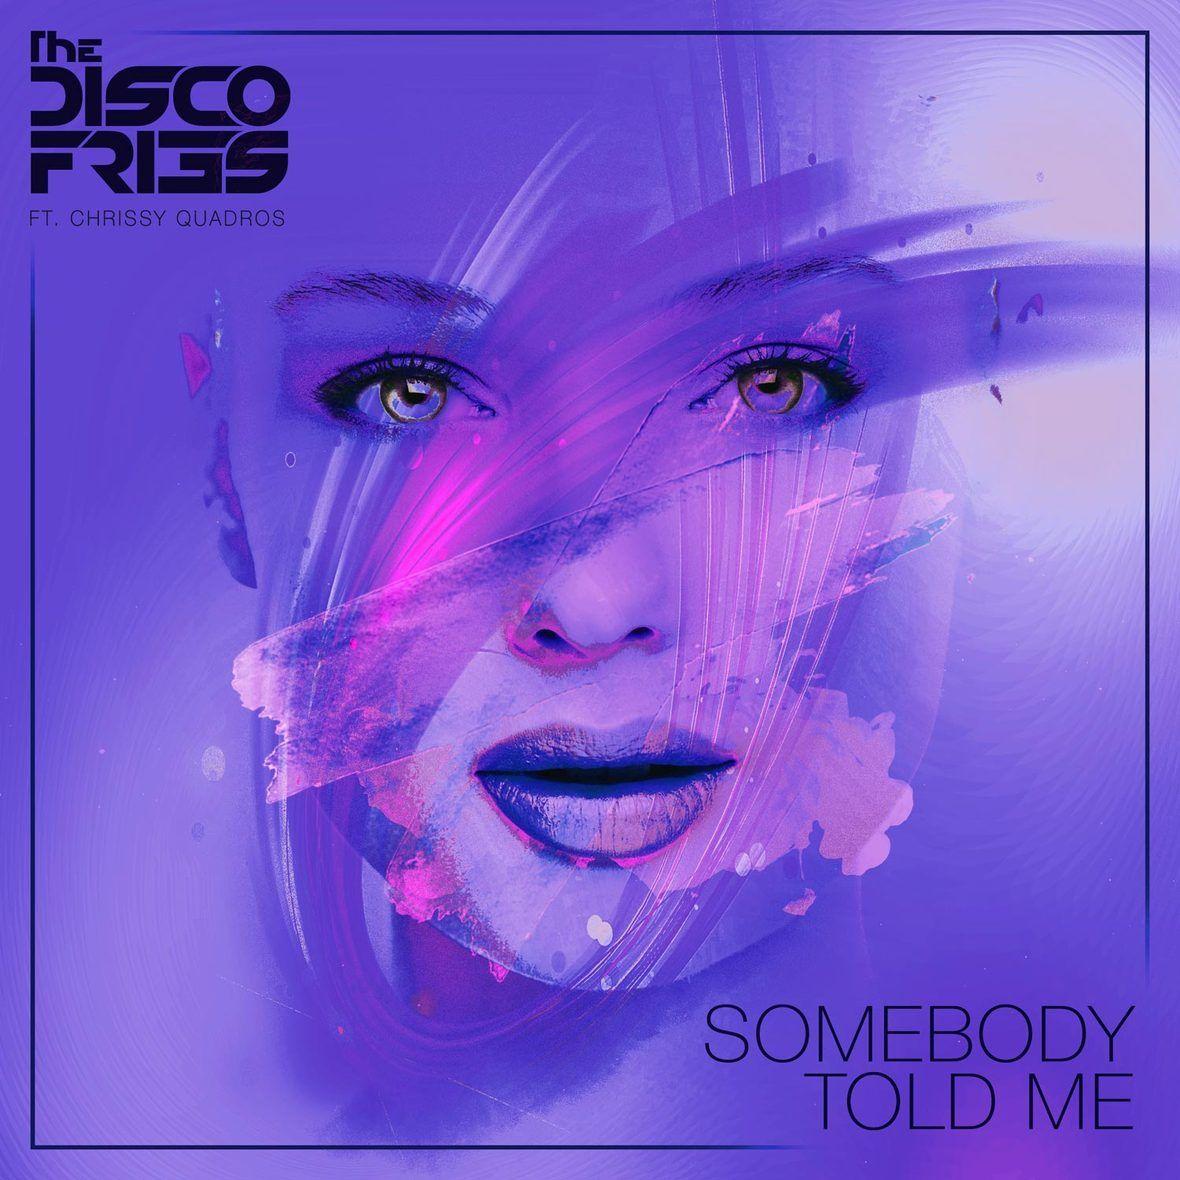 disco_fries_-_sombody_told_me_ft._chrissy_quadros_cover_art_.jpg